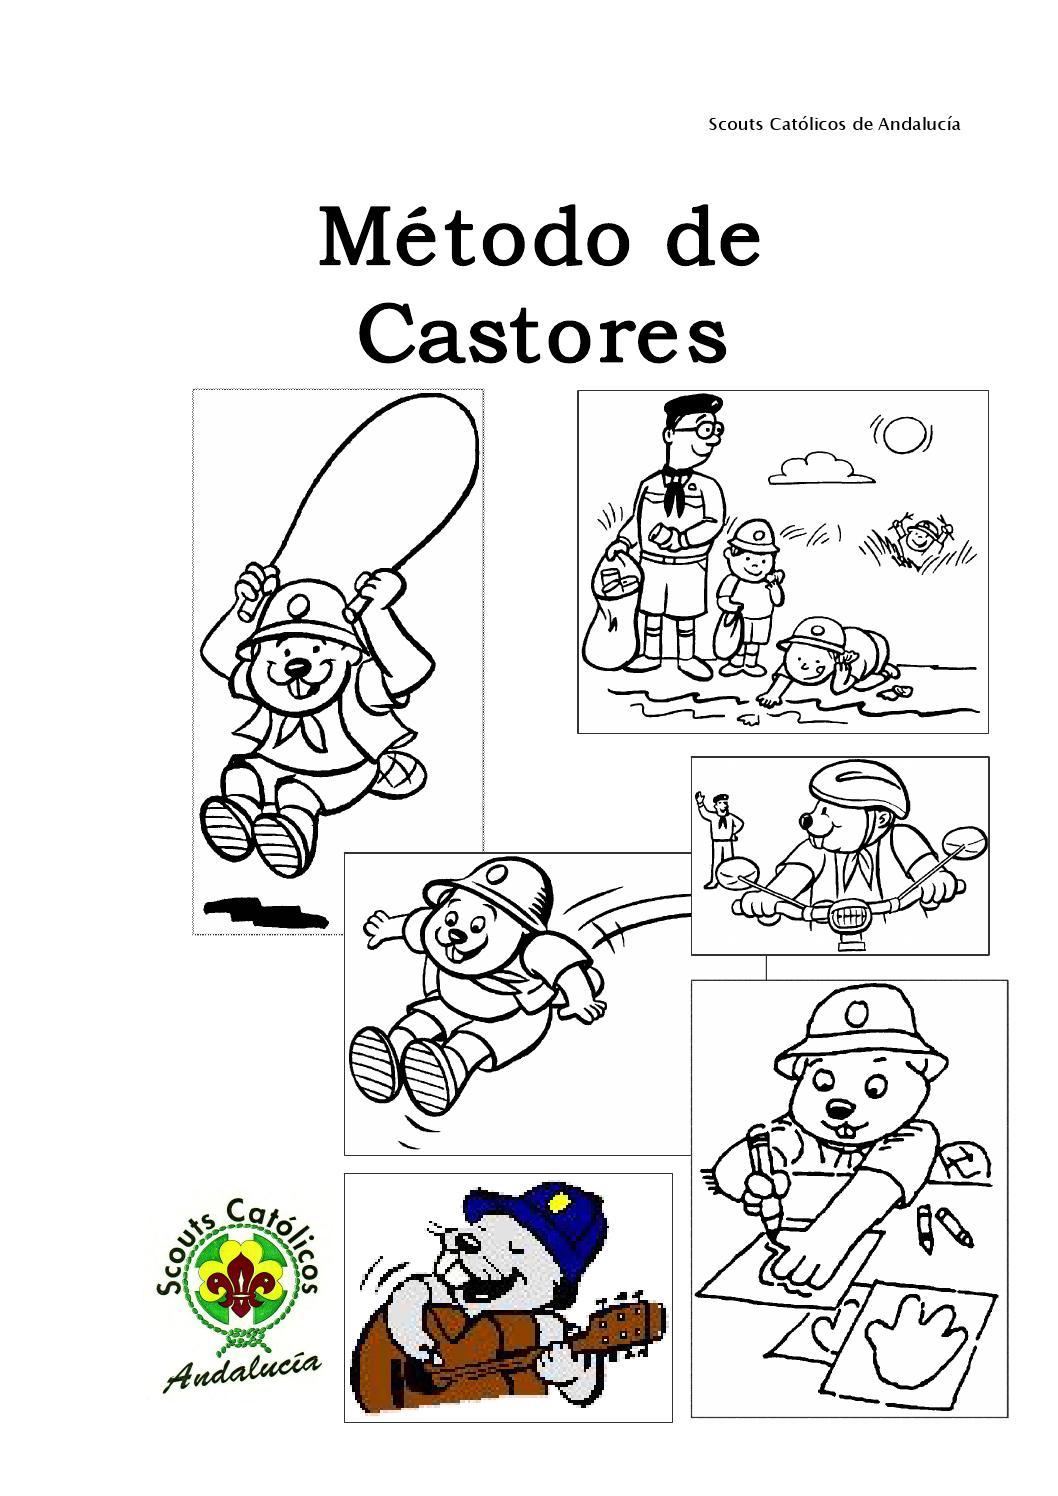 metodo de castores sca by scoutsur sca issuu